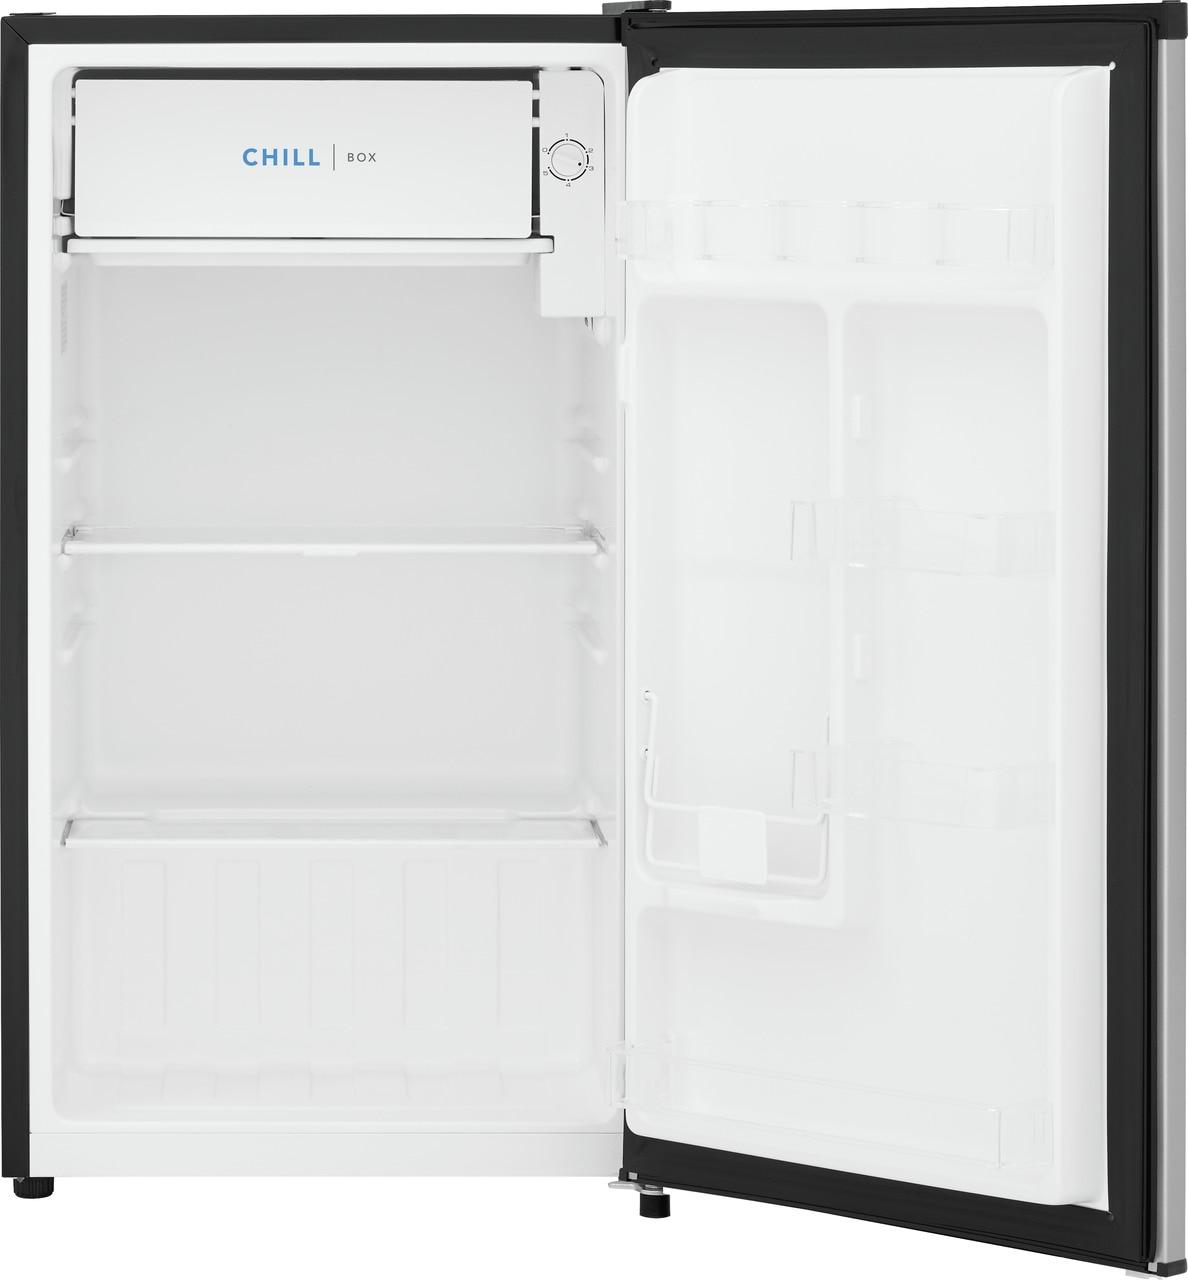 Model: FFPE3322UM | Frigidaire 3.3 Cu. Ft. Compact Refrigerator